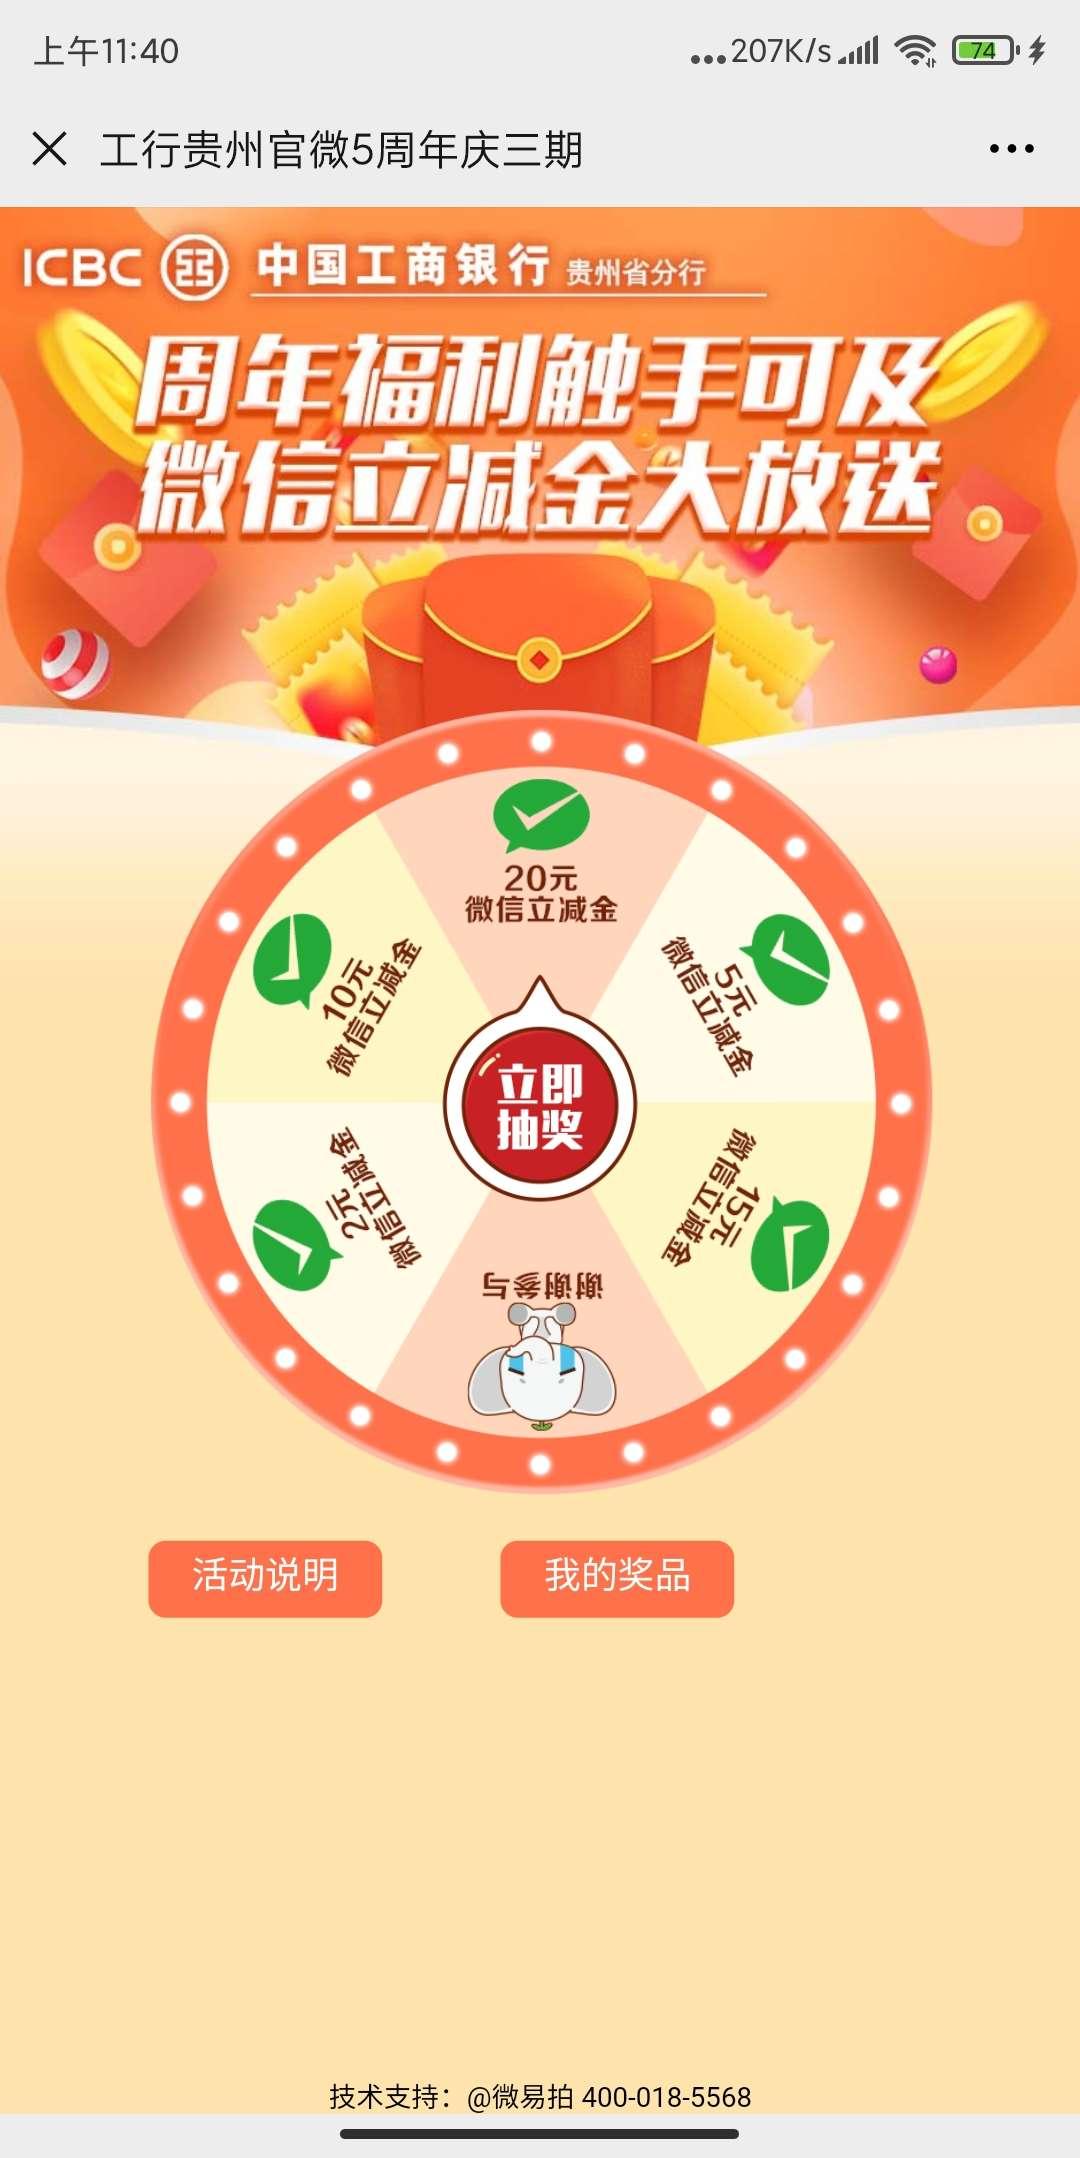 图片[2]-贵州工行抽立减金-老友薅羊毛活动线报网